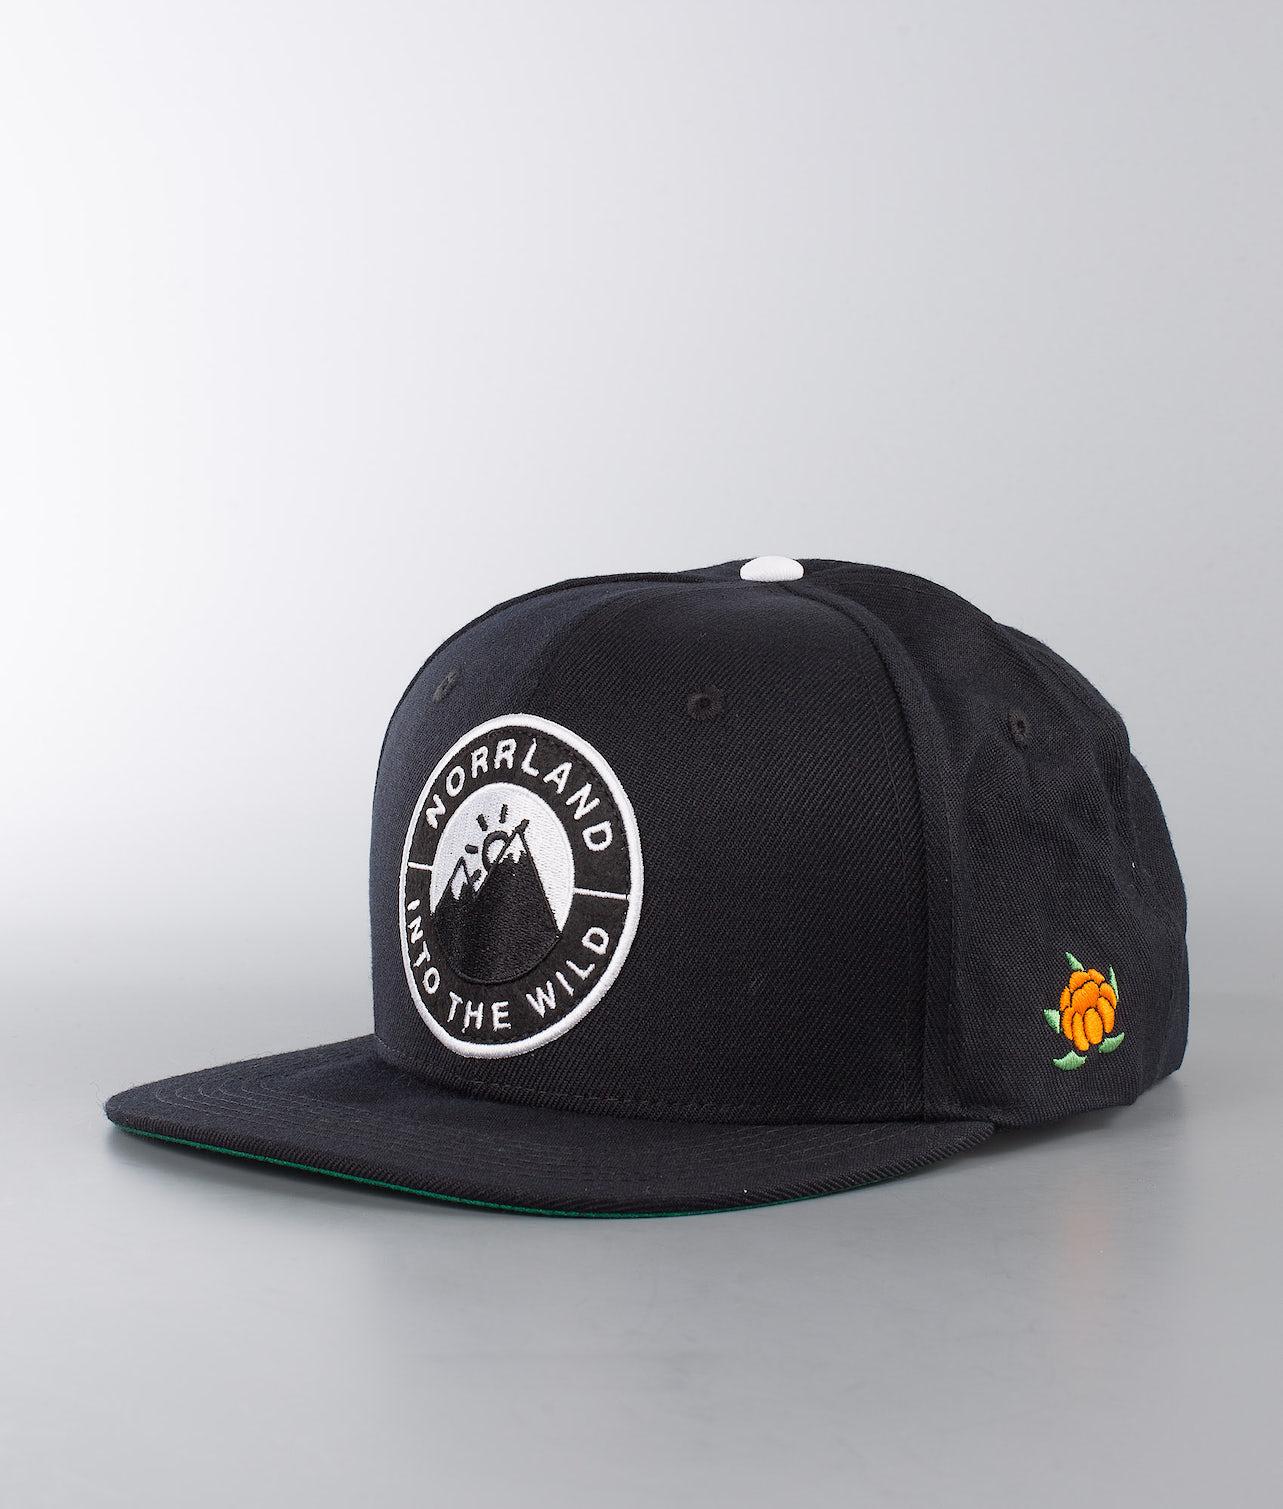 Kjøp Into Emblem Caps fra SQRTN på Ridestore.no - Hos oss har du alltid fri frakt, fri retur og 30 dagers åpent kjøp!